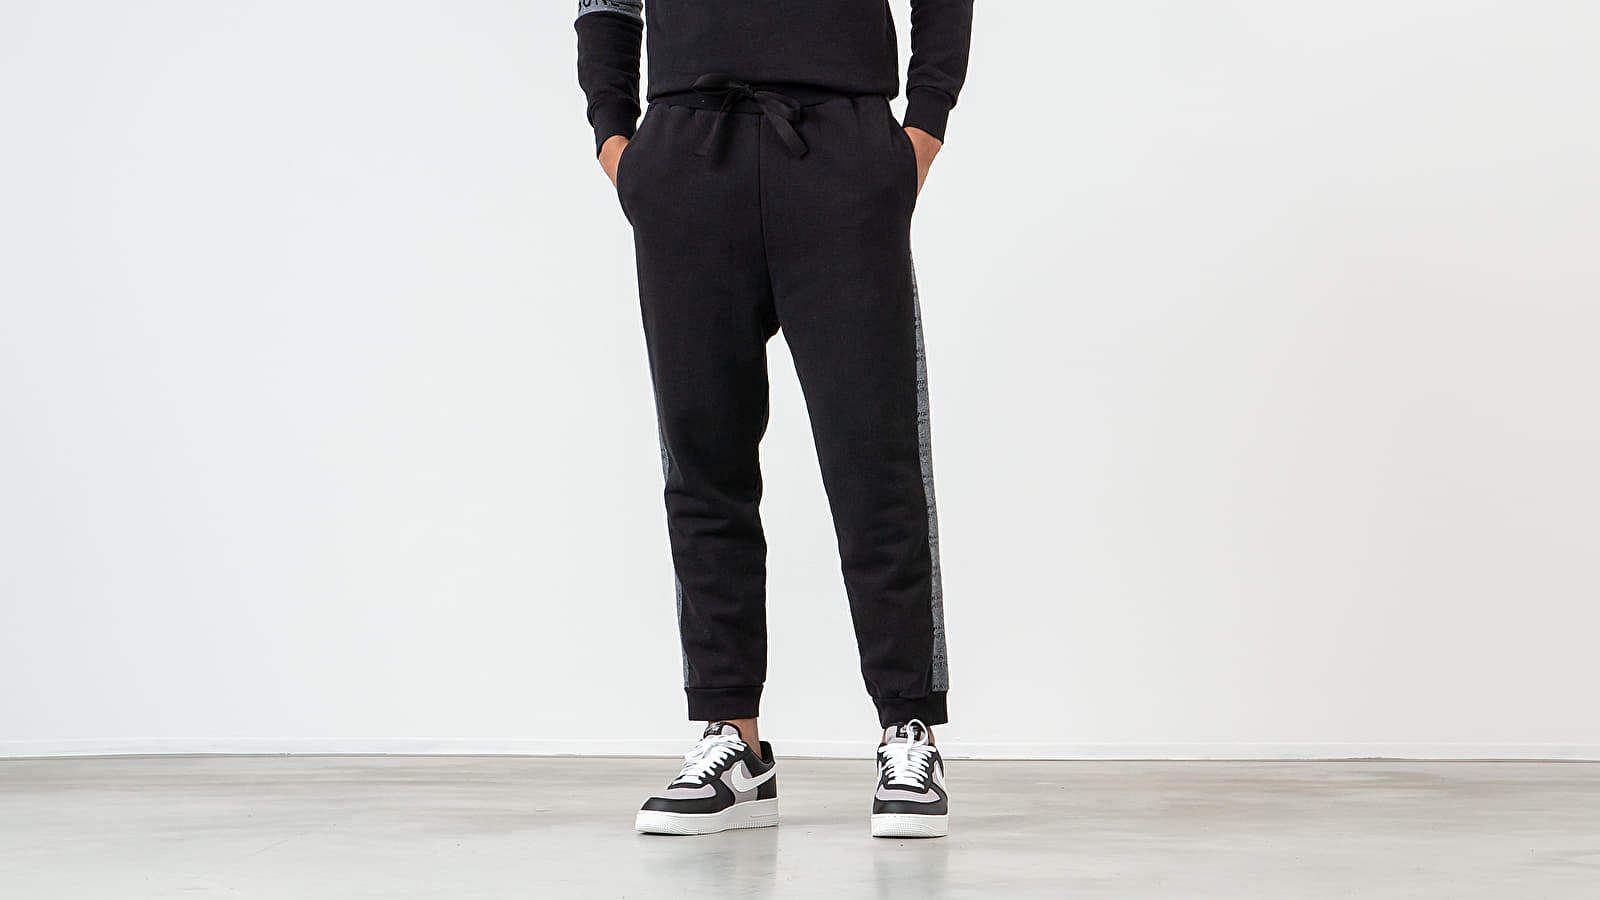 Jogger Pants MAISON KITSUNÉ Pants Black